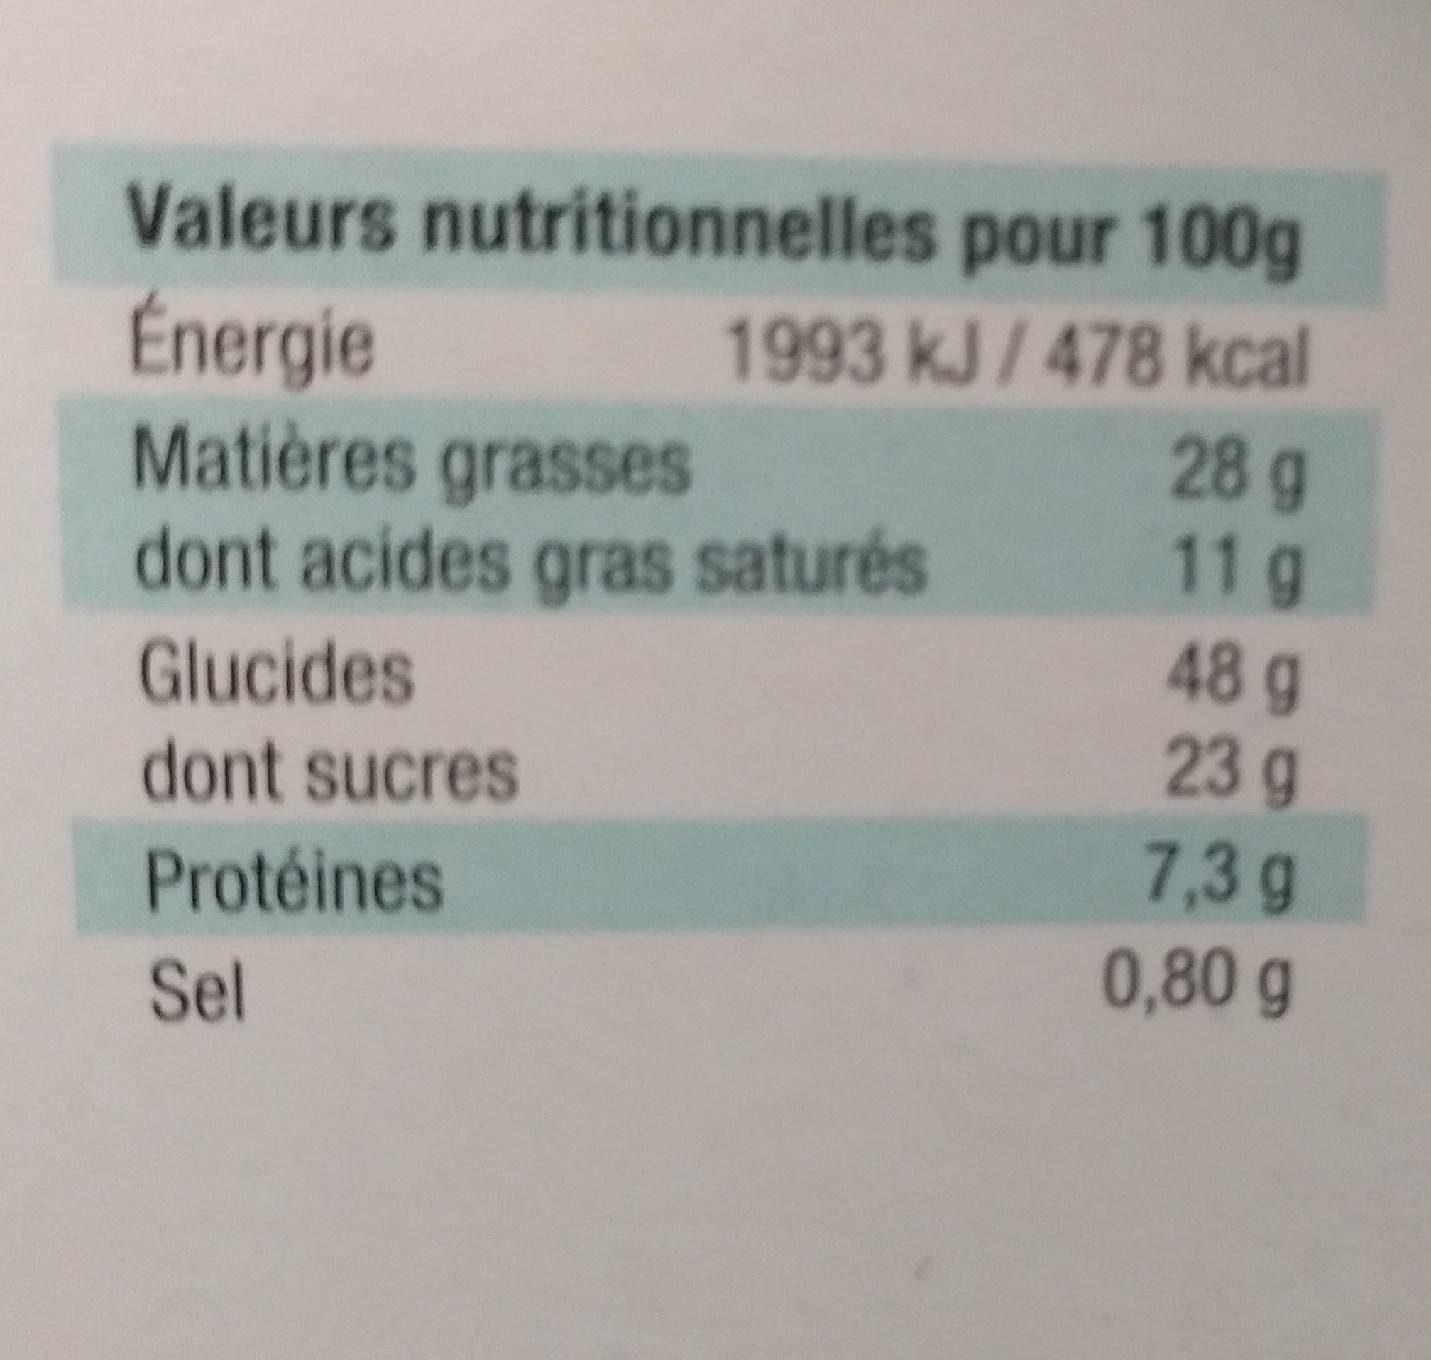 Petits moelleux au chocolat - Voedingswaarden - fr